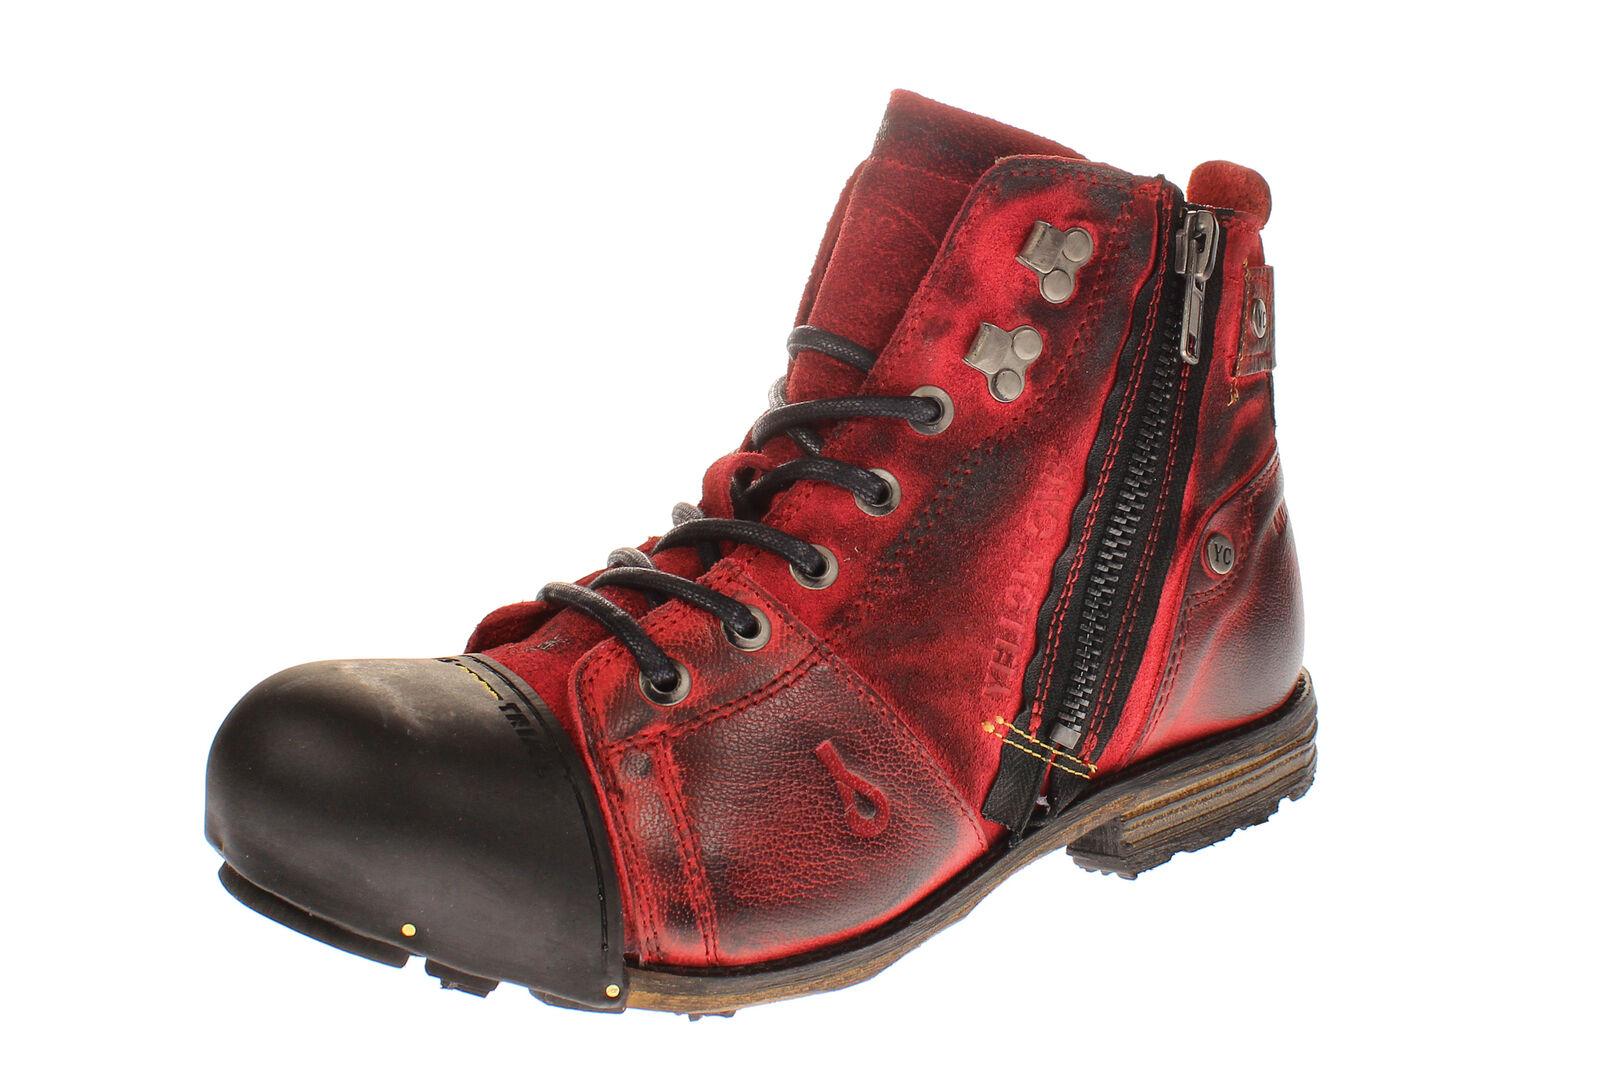 Gelb Cab Y15419 INDUSTRIAL 2-C - Herren Schuhe Stiefel   Stiefel - 700-braun